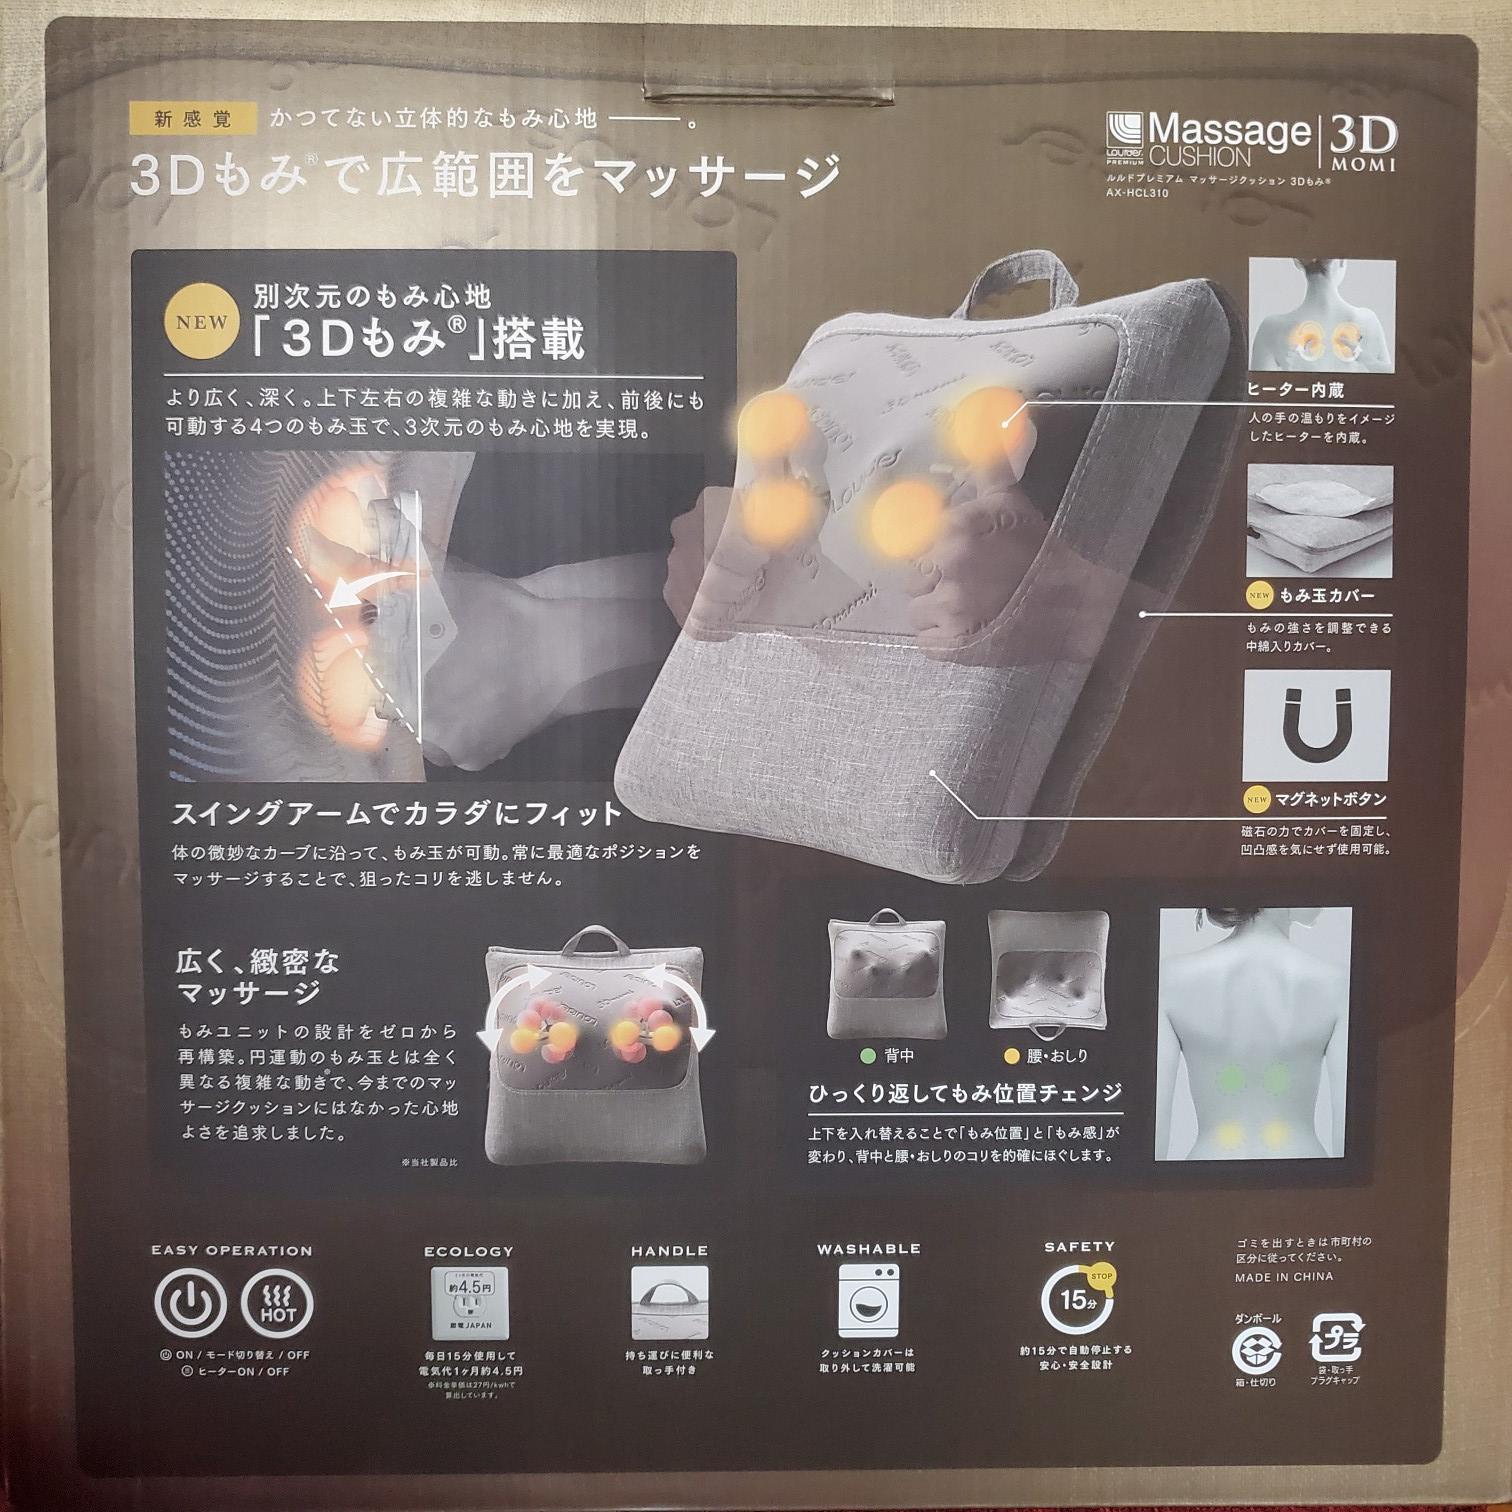 クッション型マッサージ家電【Francfranc】3Dもみで腰・肩こりを解消!_4